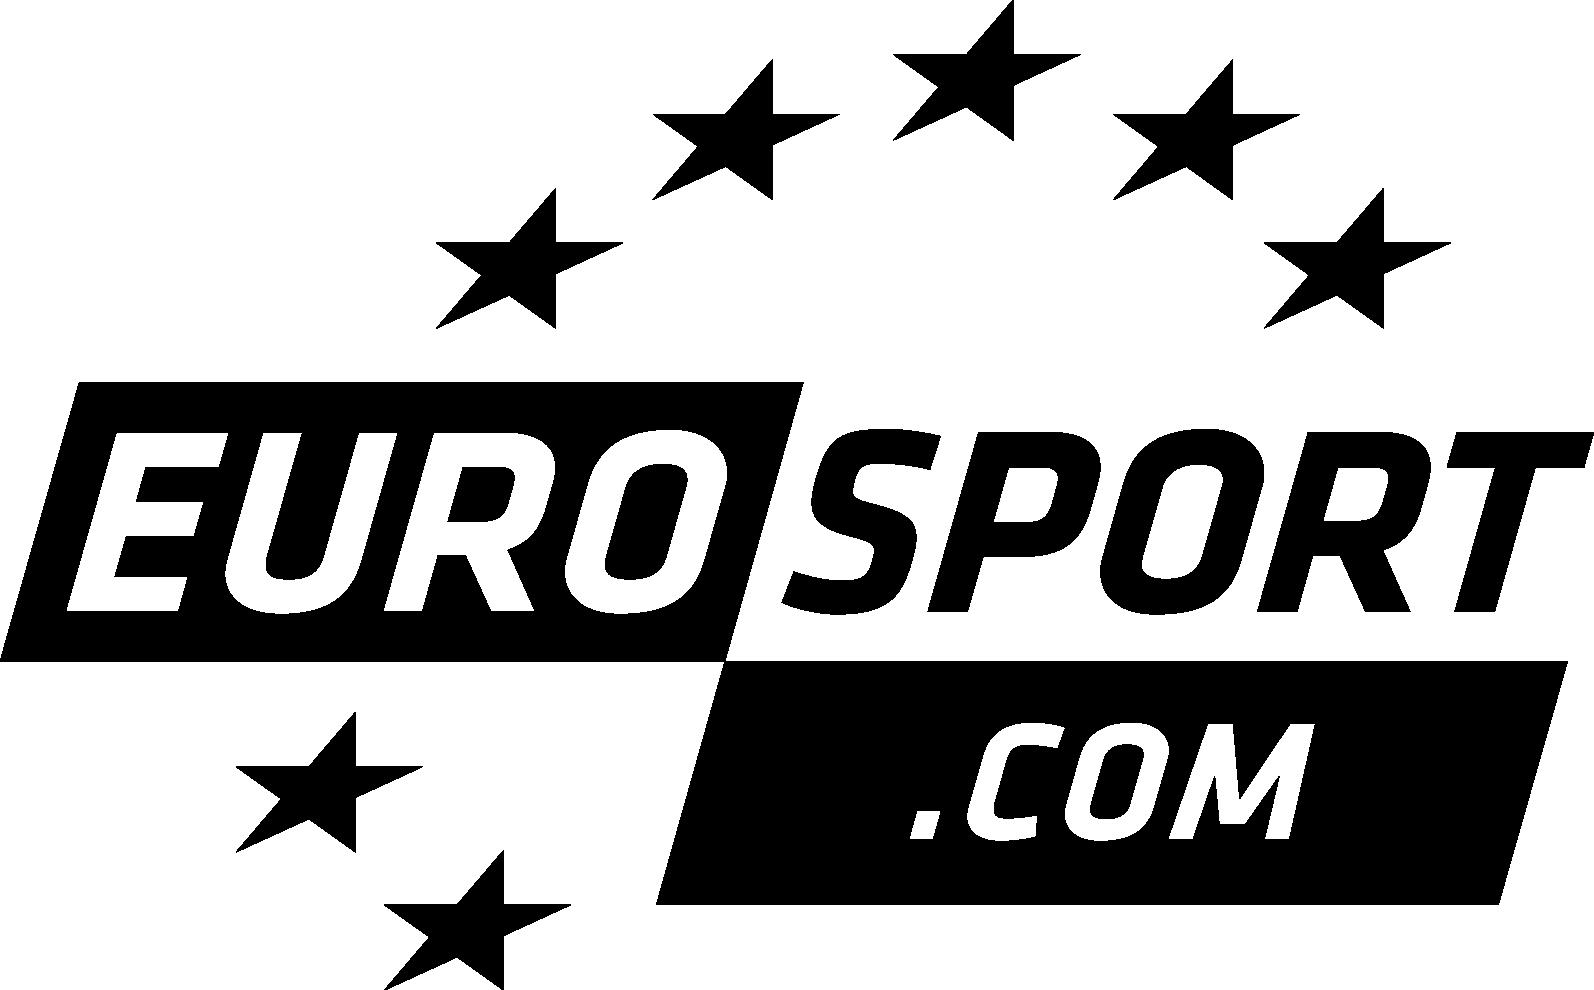 ESP_COM_4C_black.png